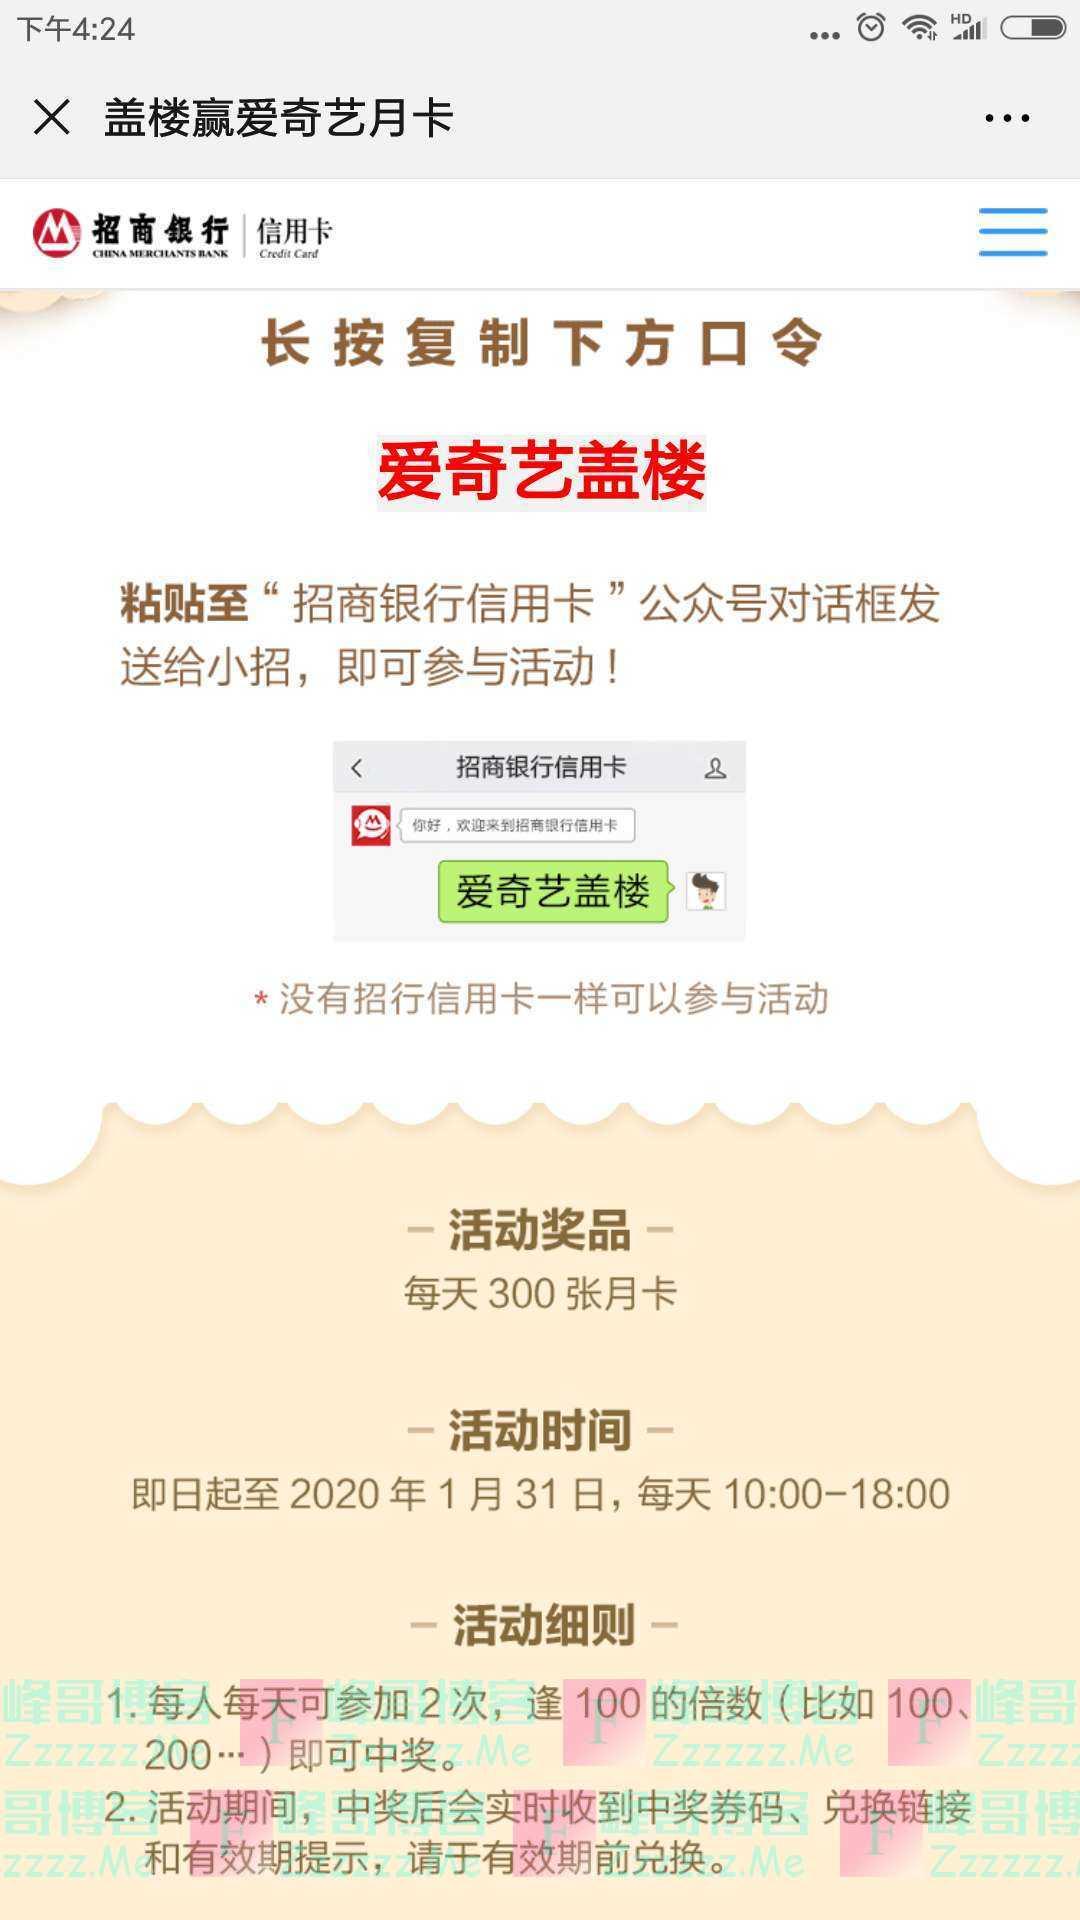 招行xing/用卡爱奇艺盖楼(截止1月31日)